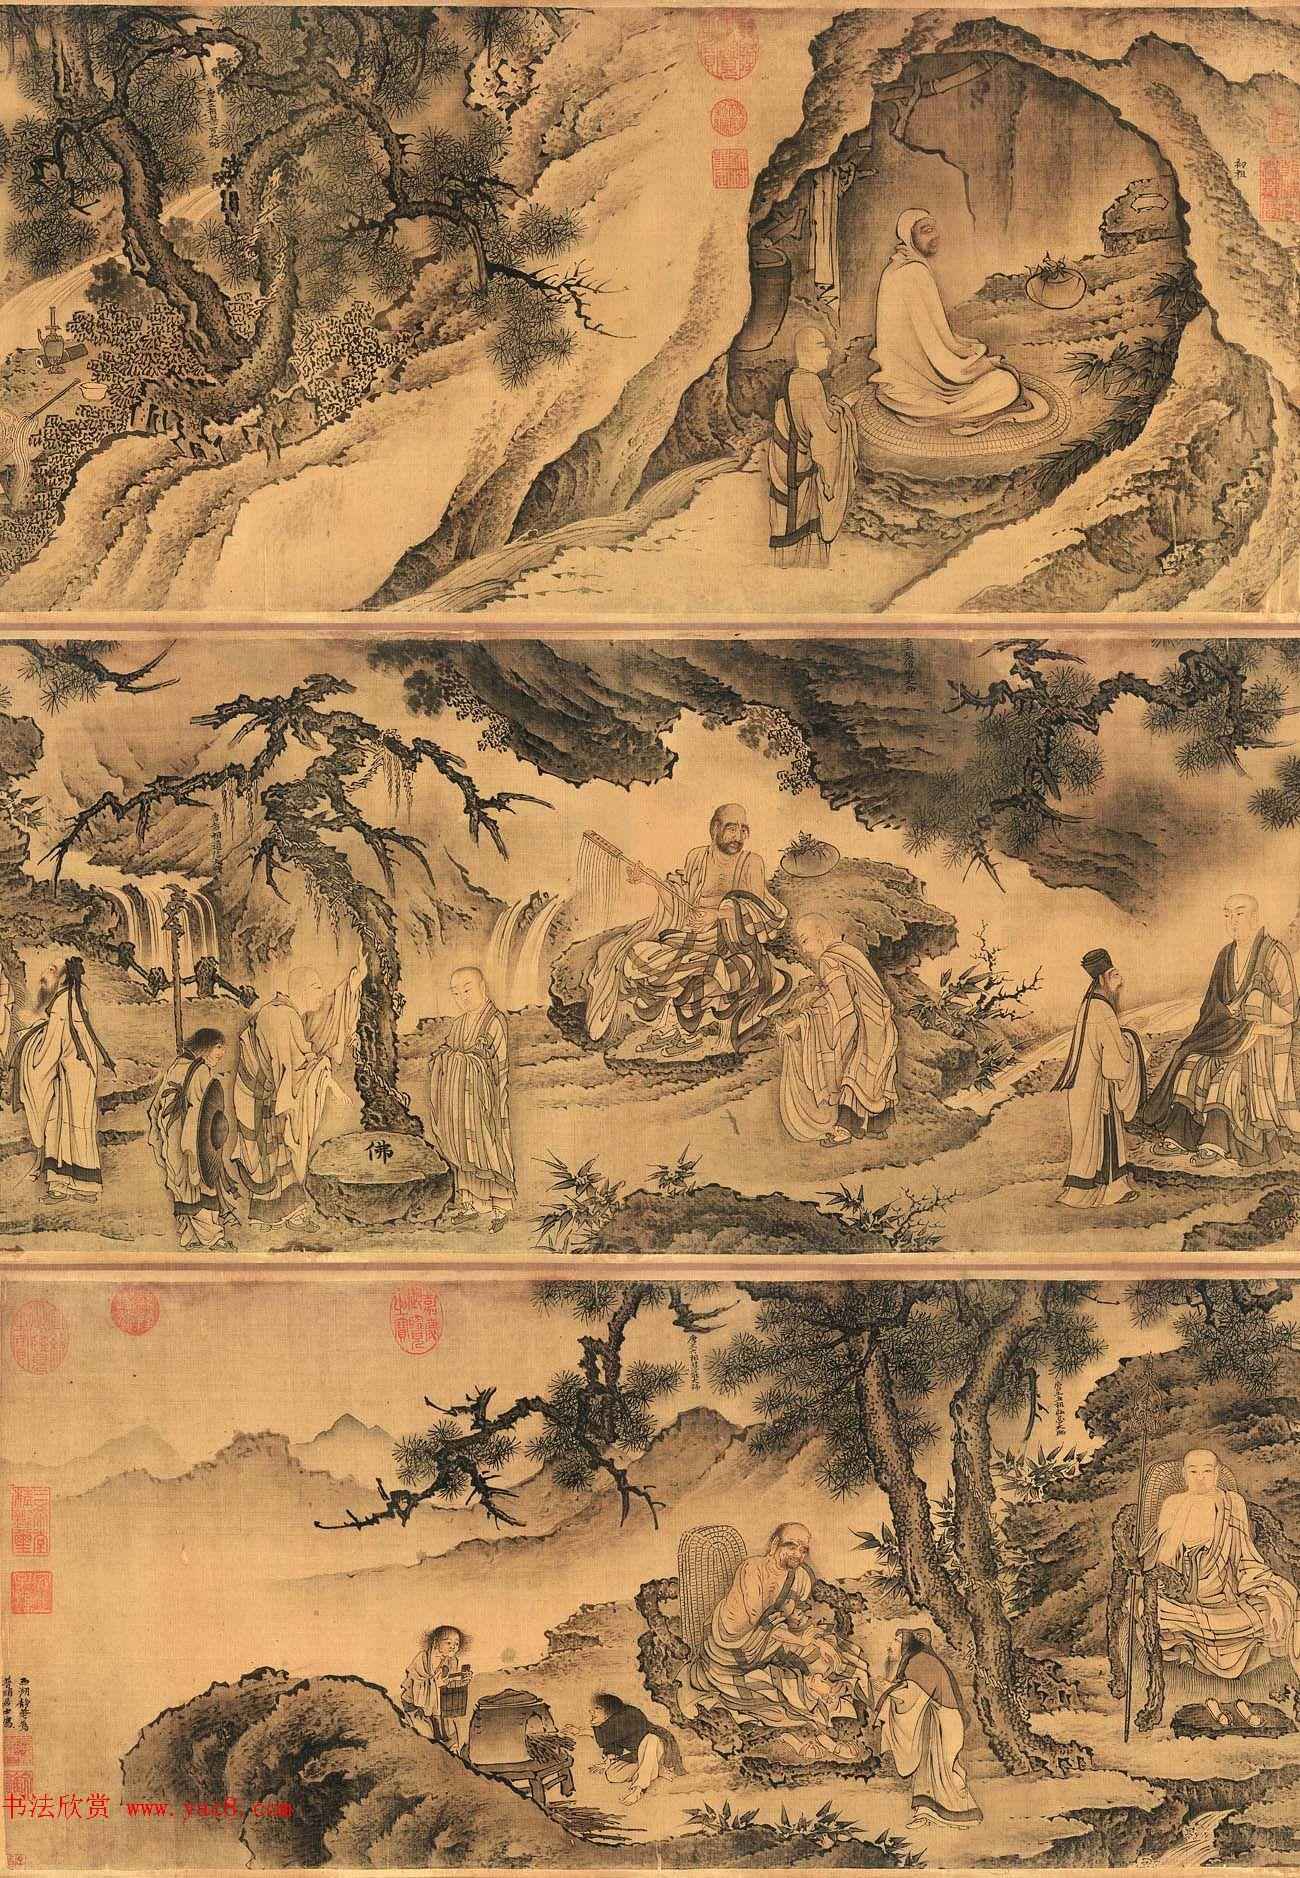 戴进工笔人物画赏析《达摩六代祖师图》